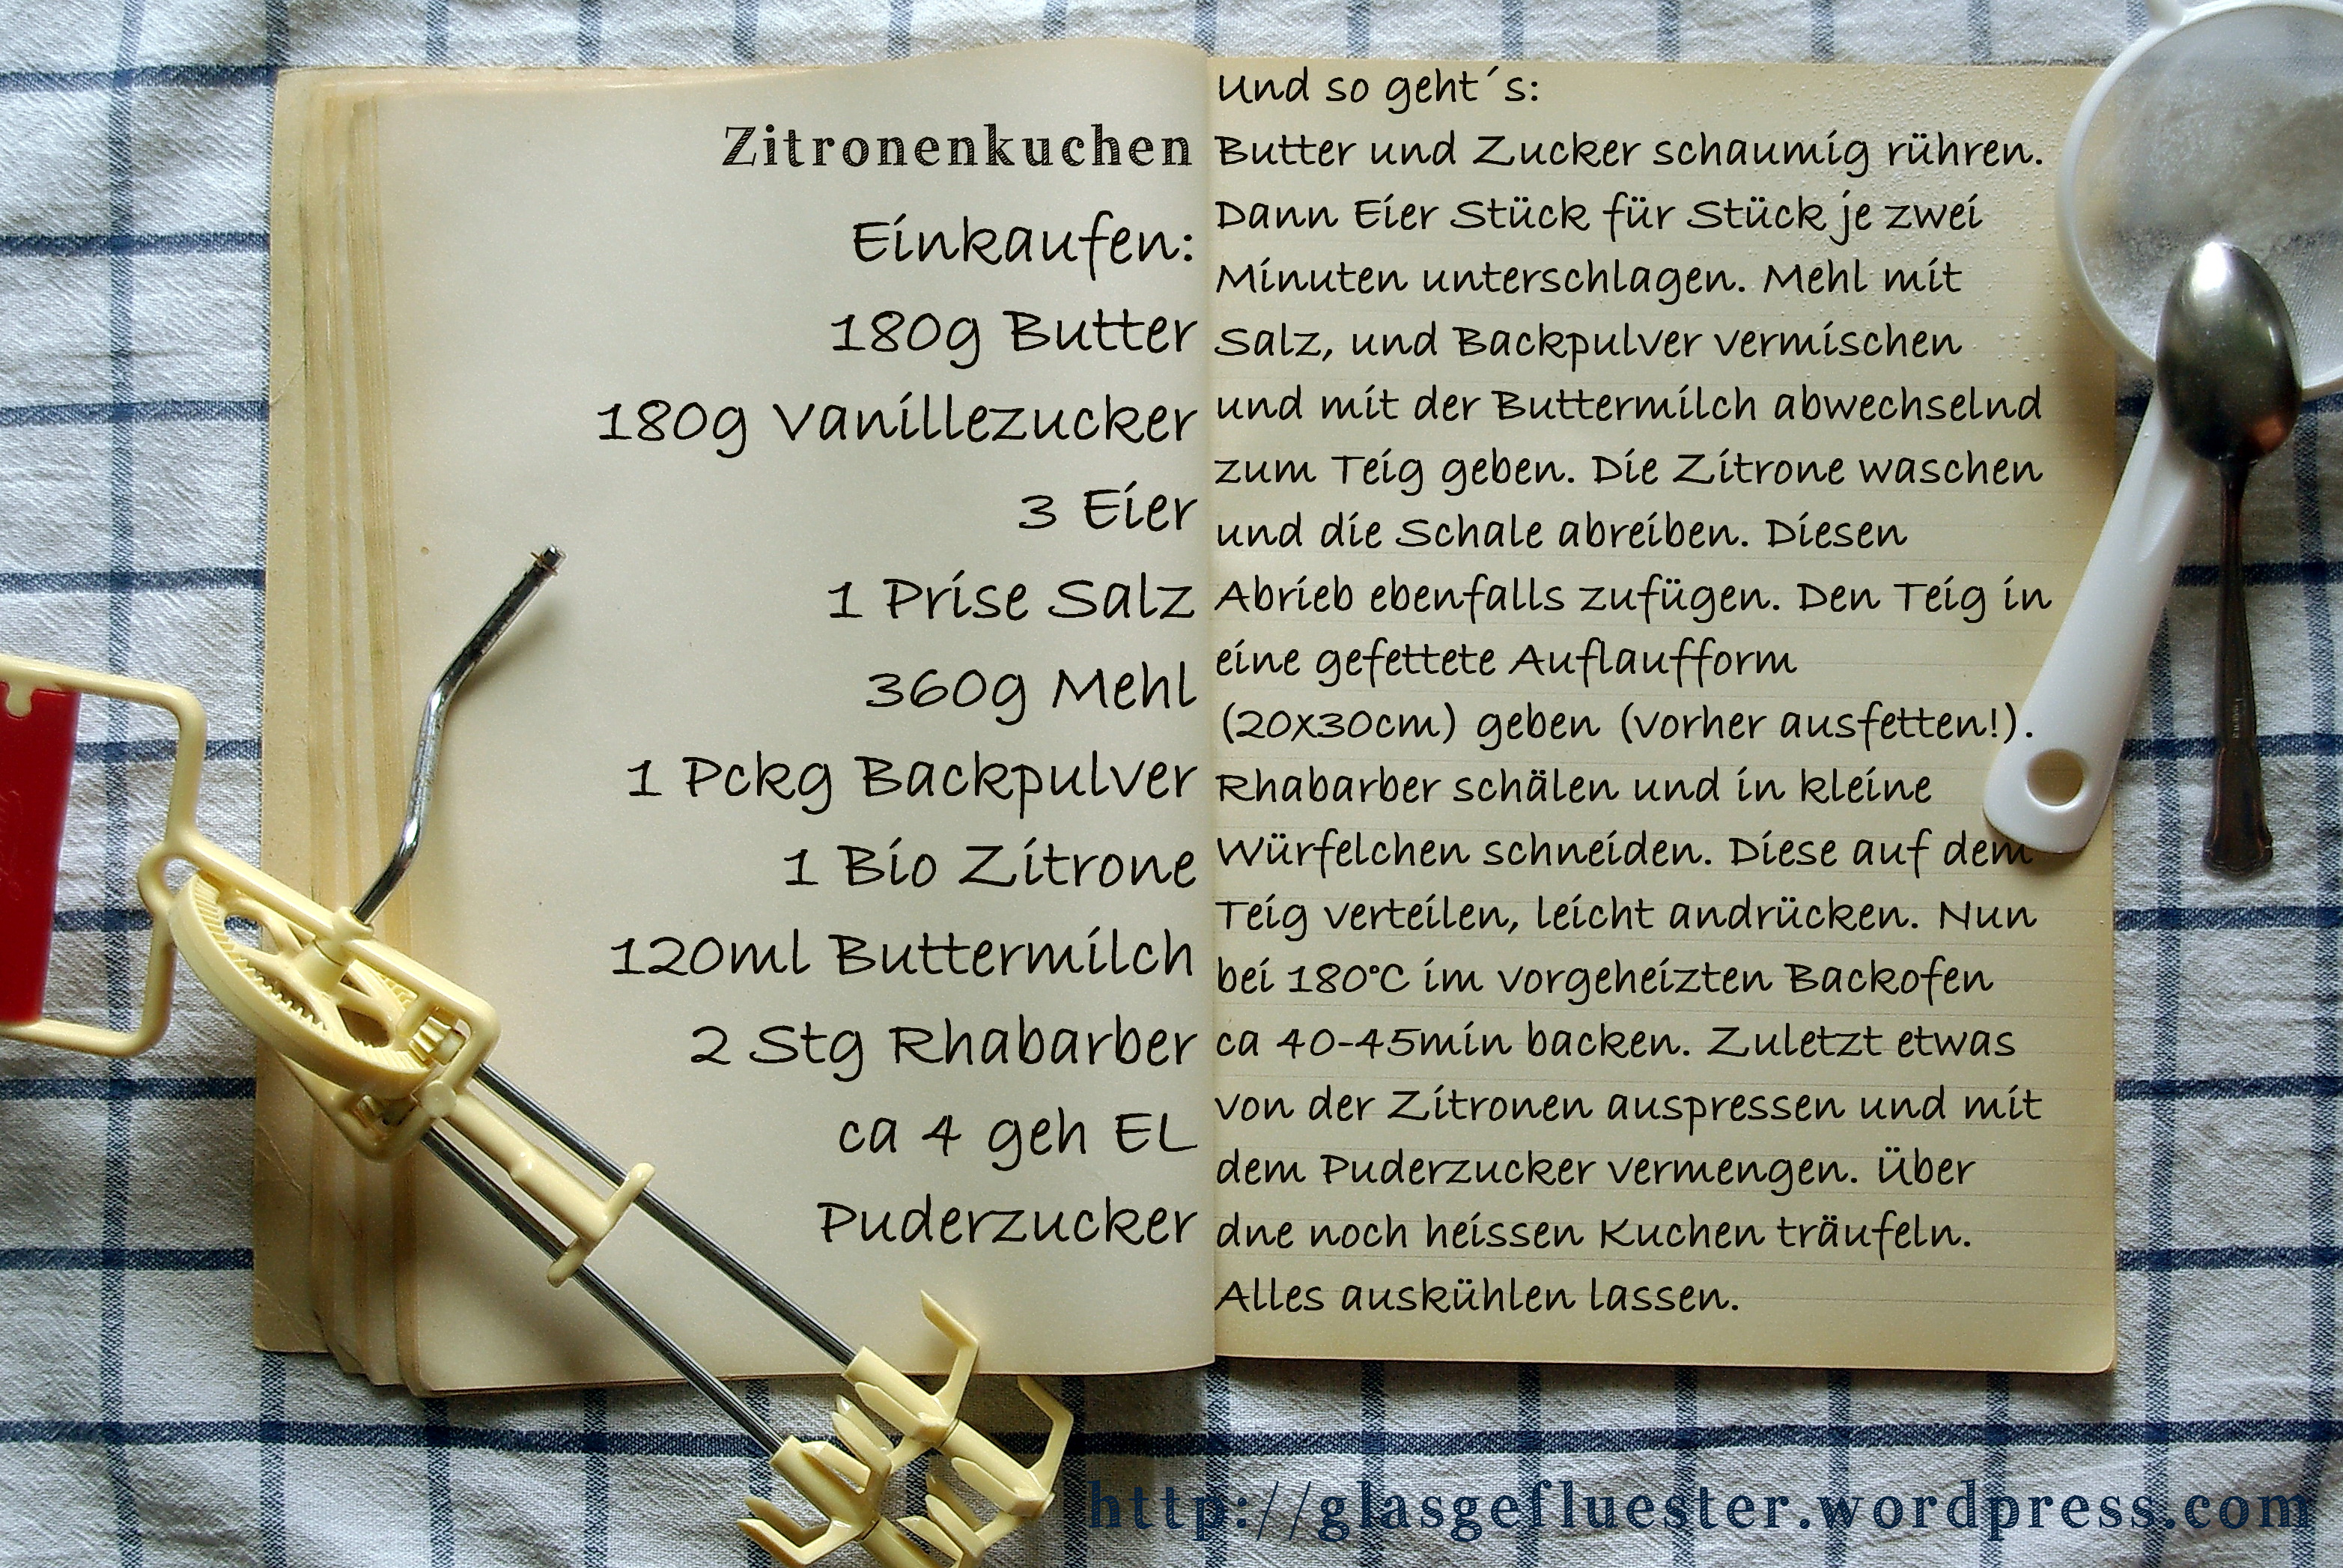 Einkaufszettel Zitronenkuchen by Glasgefluester